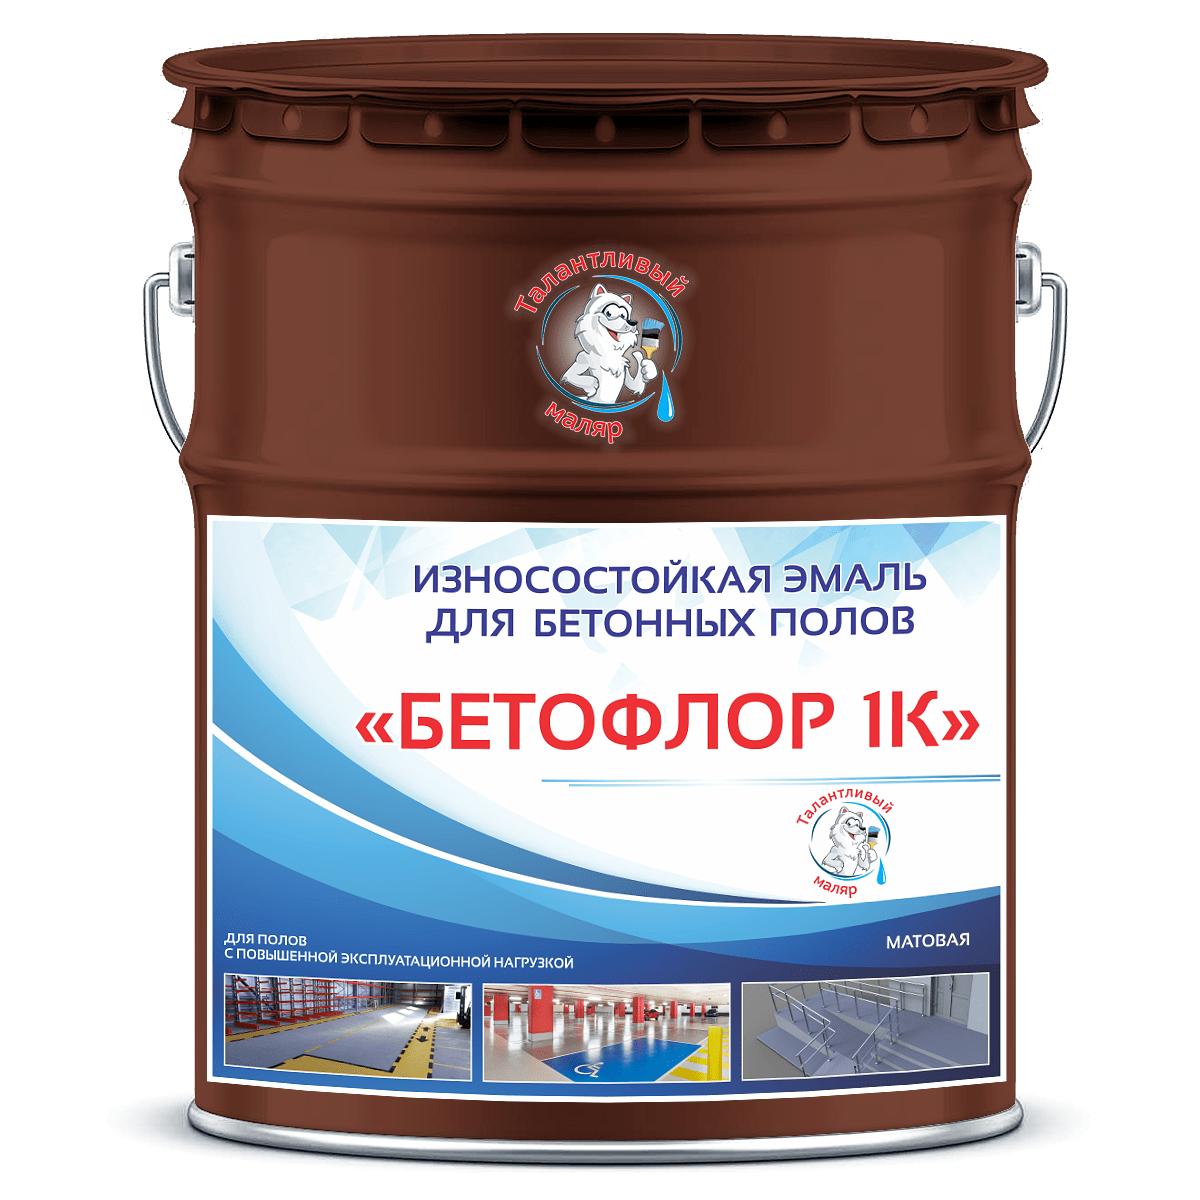 """Фото 8 - BF3009 Эмаль для бетонных полов """"Бетофлор"""" 1К цвет RAL 3009 Оксидно-красный, матовая износостойкая, 25 кг """"Талантливый Маляр""""."""